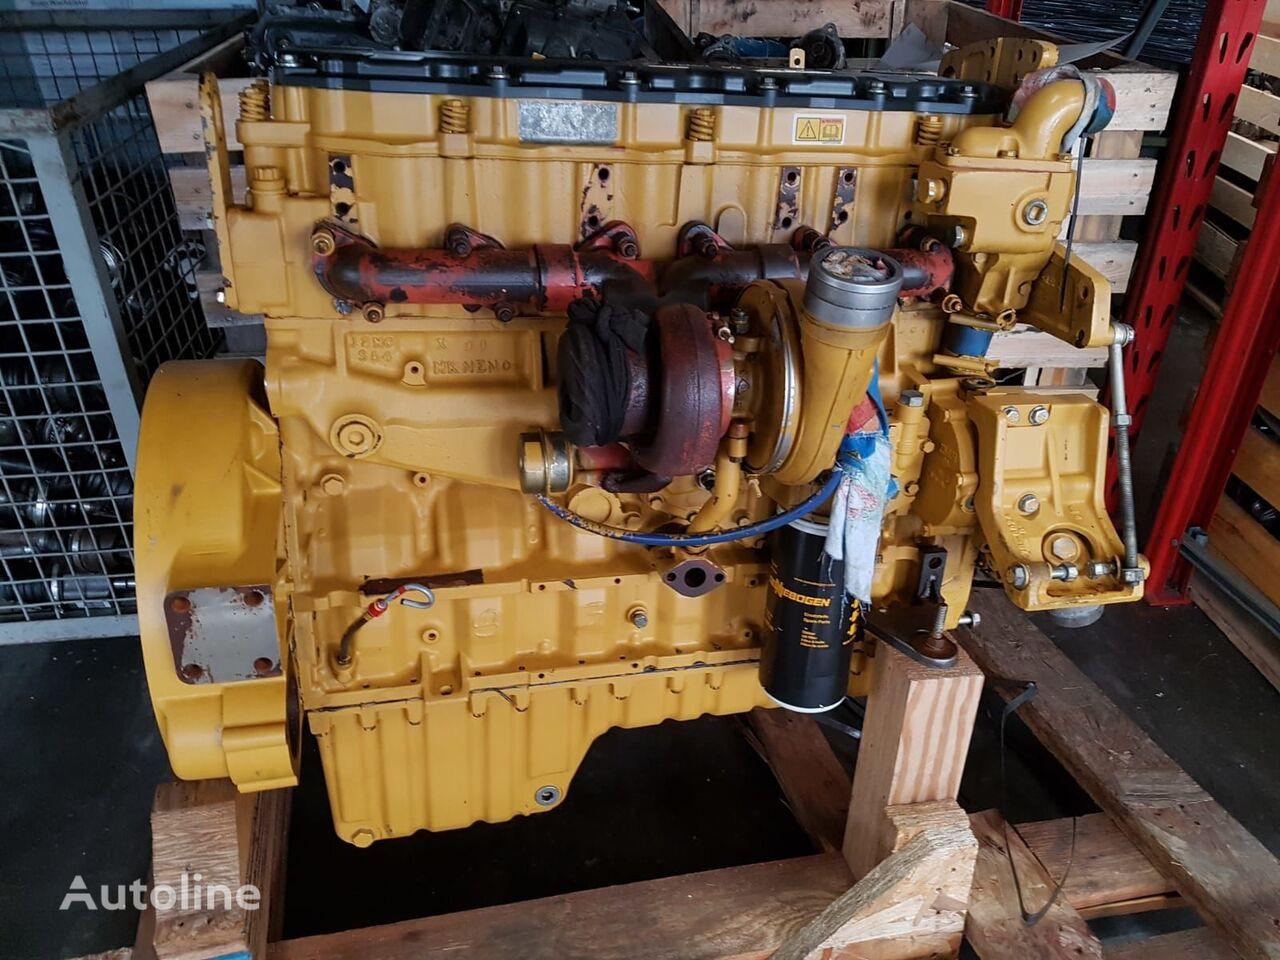 CATERPILLAR C 7 ACERT engine for generator